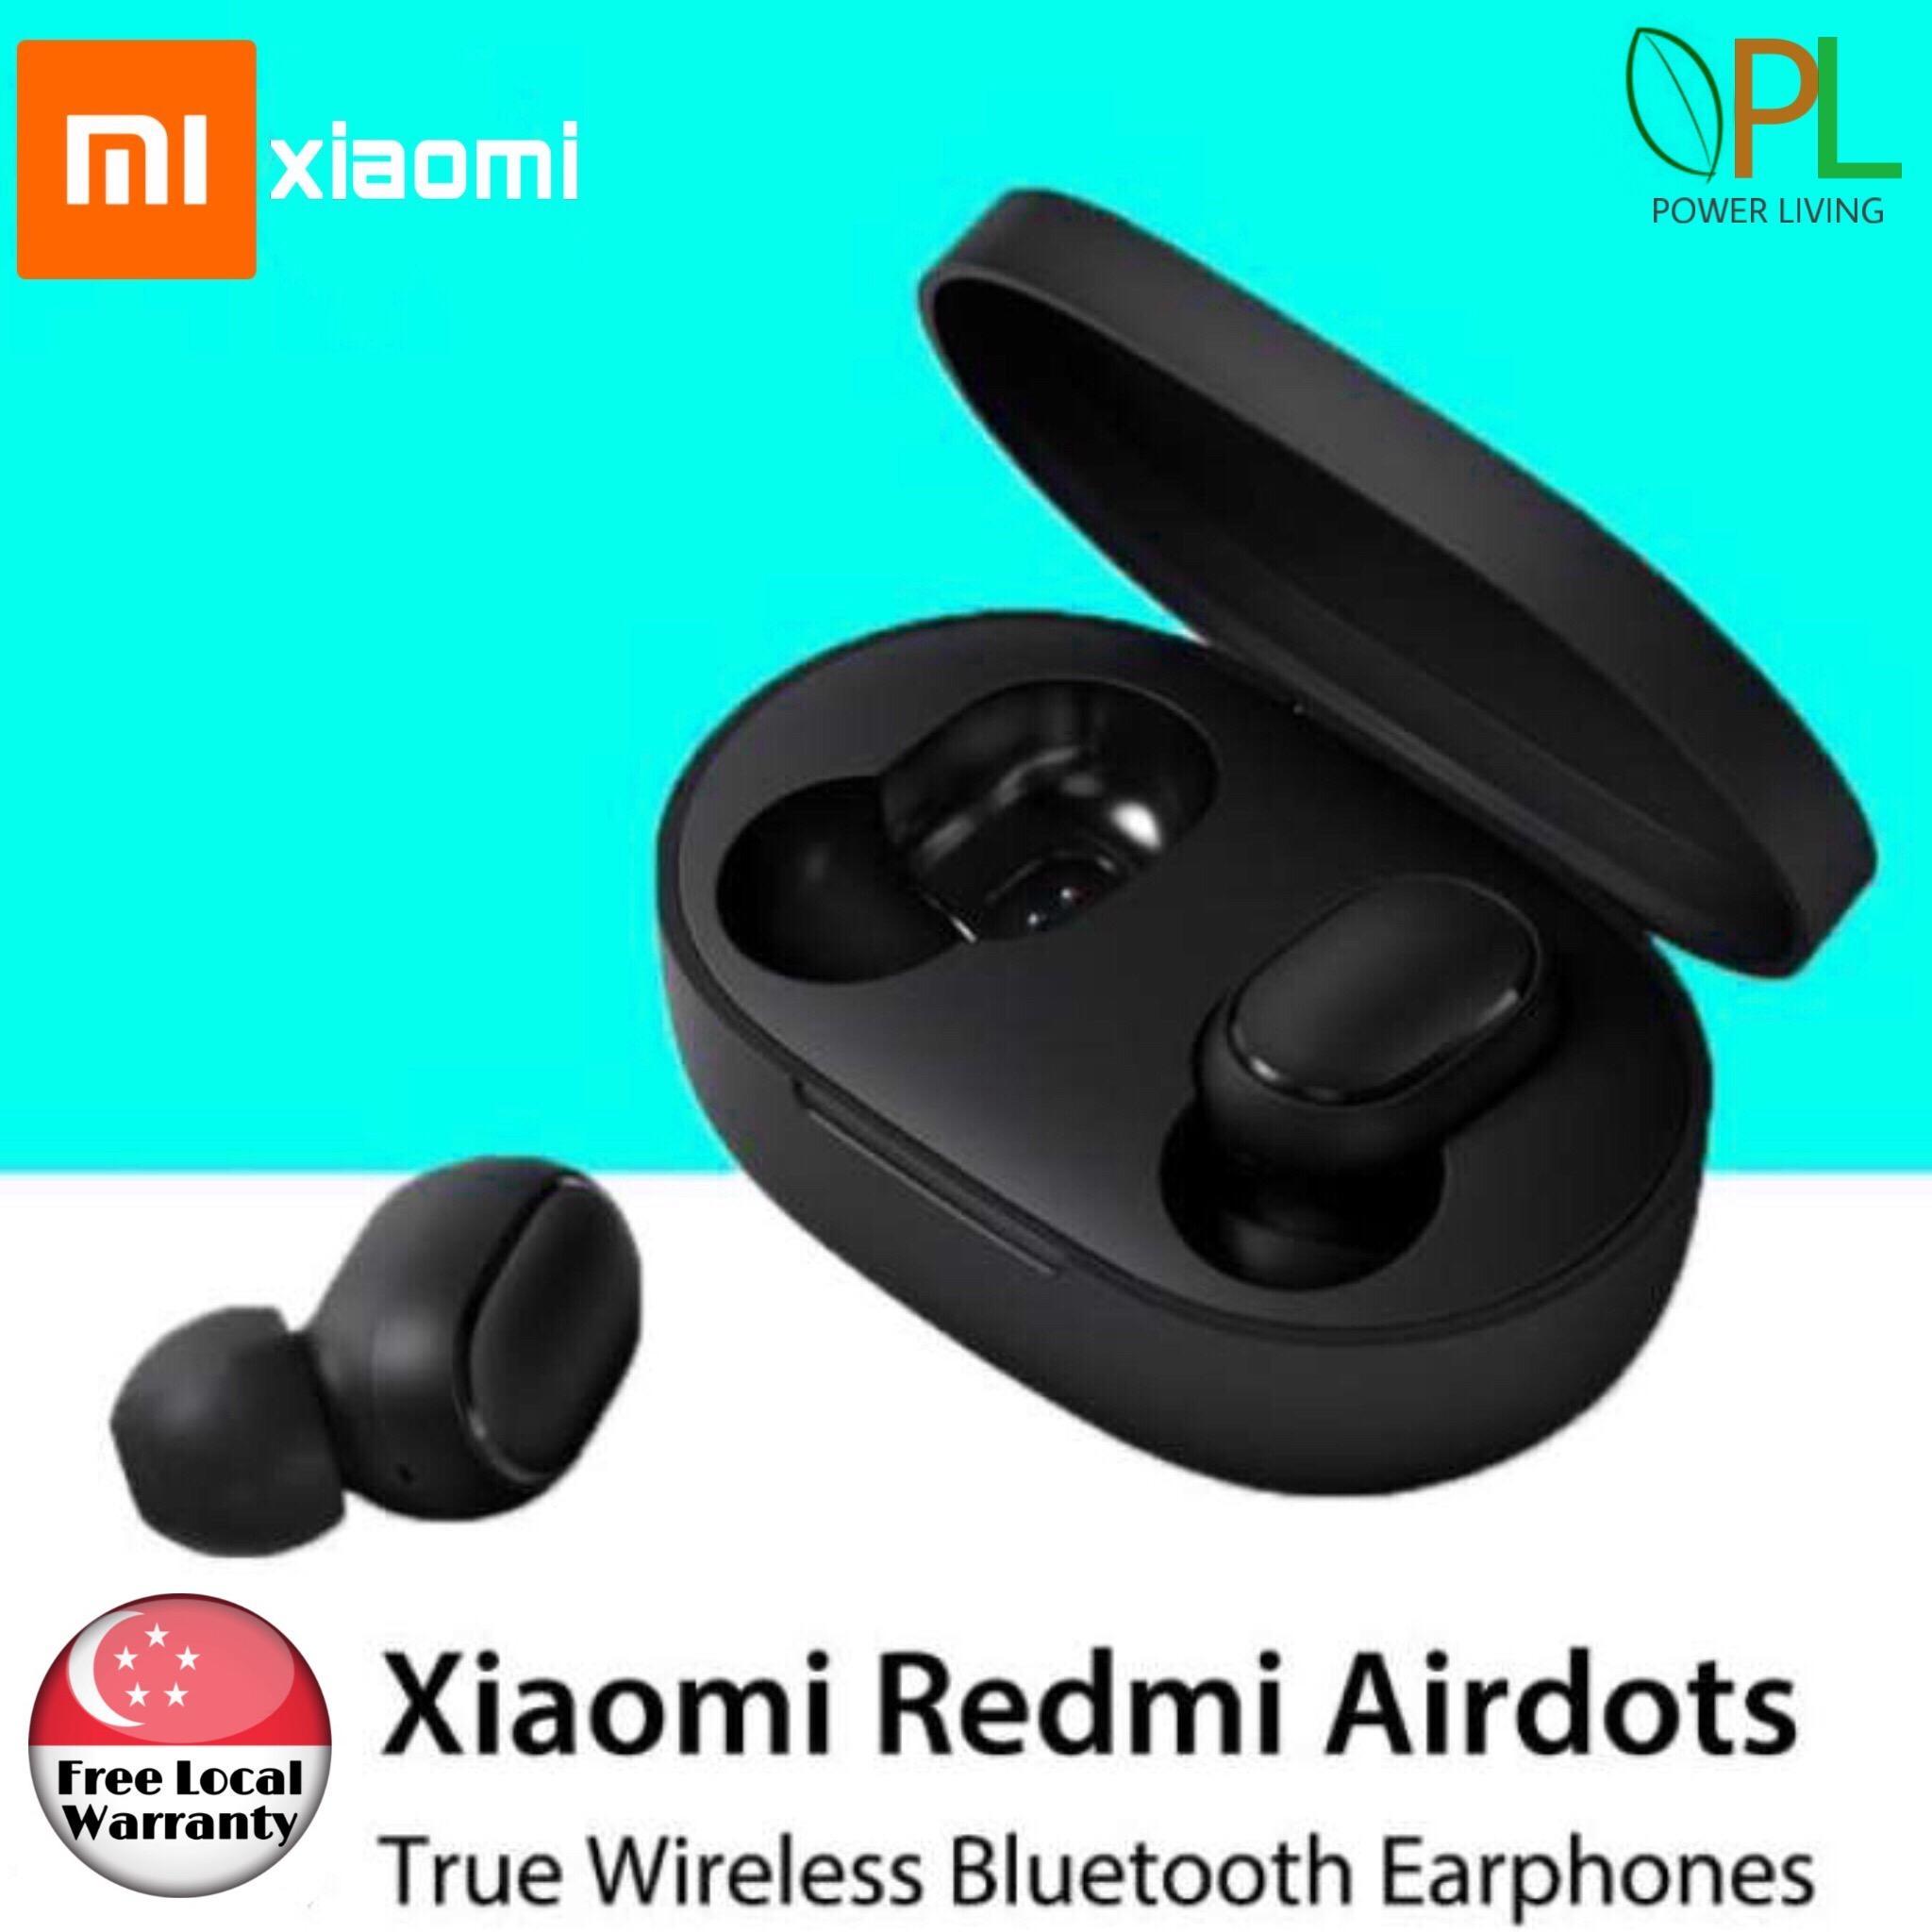 Xiaomi Redmi Airdots Bluetooth 5 0 Earphones Earpiece Earbuds Headset  Headphones True Wireless Earphones Dual In-ear call Sports Music Headphones